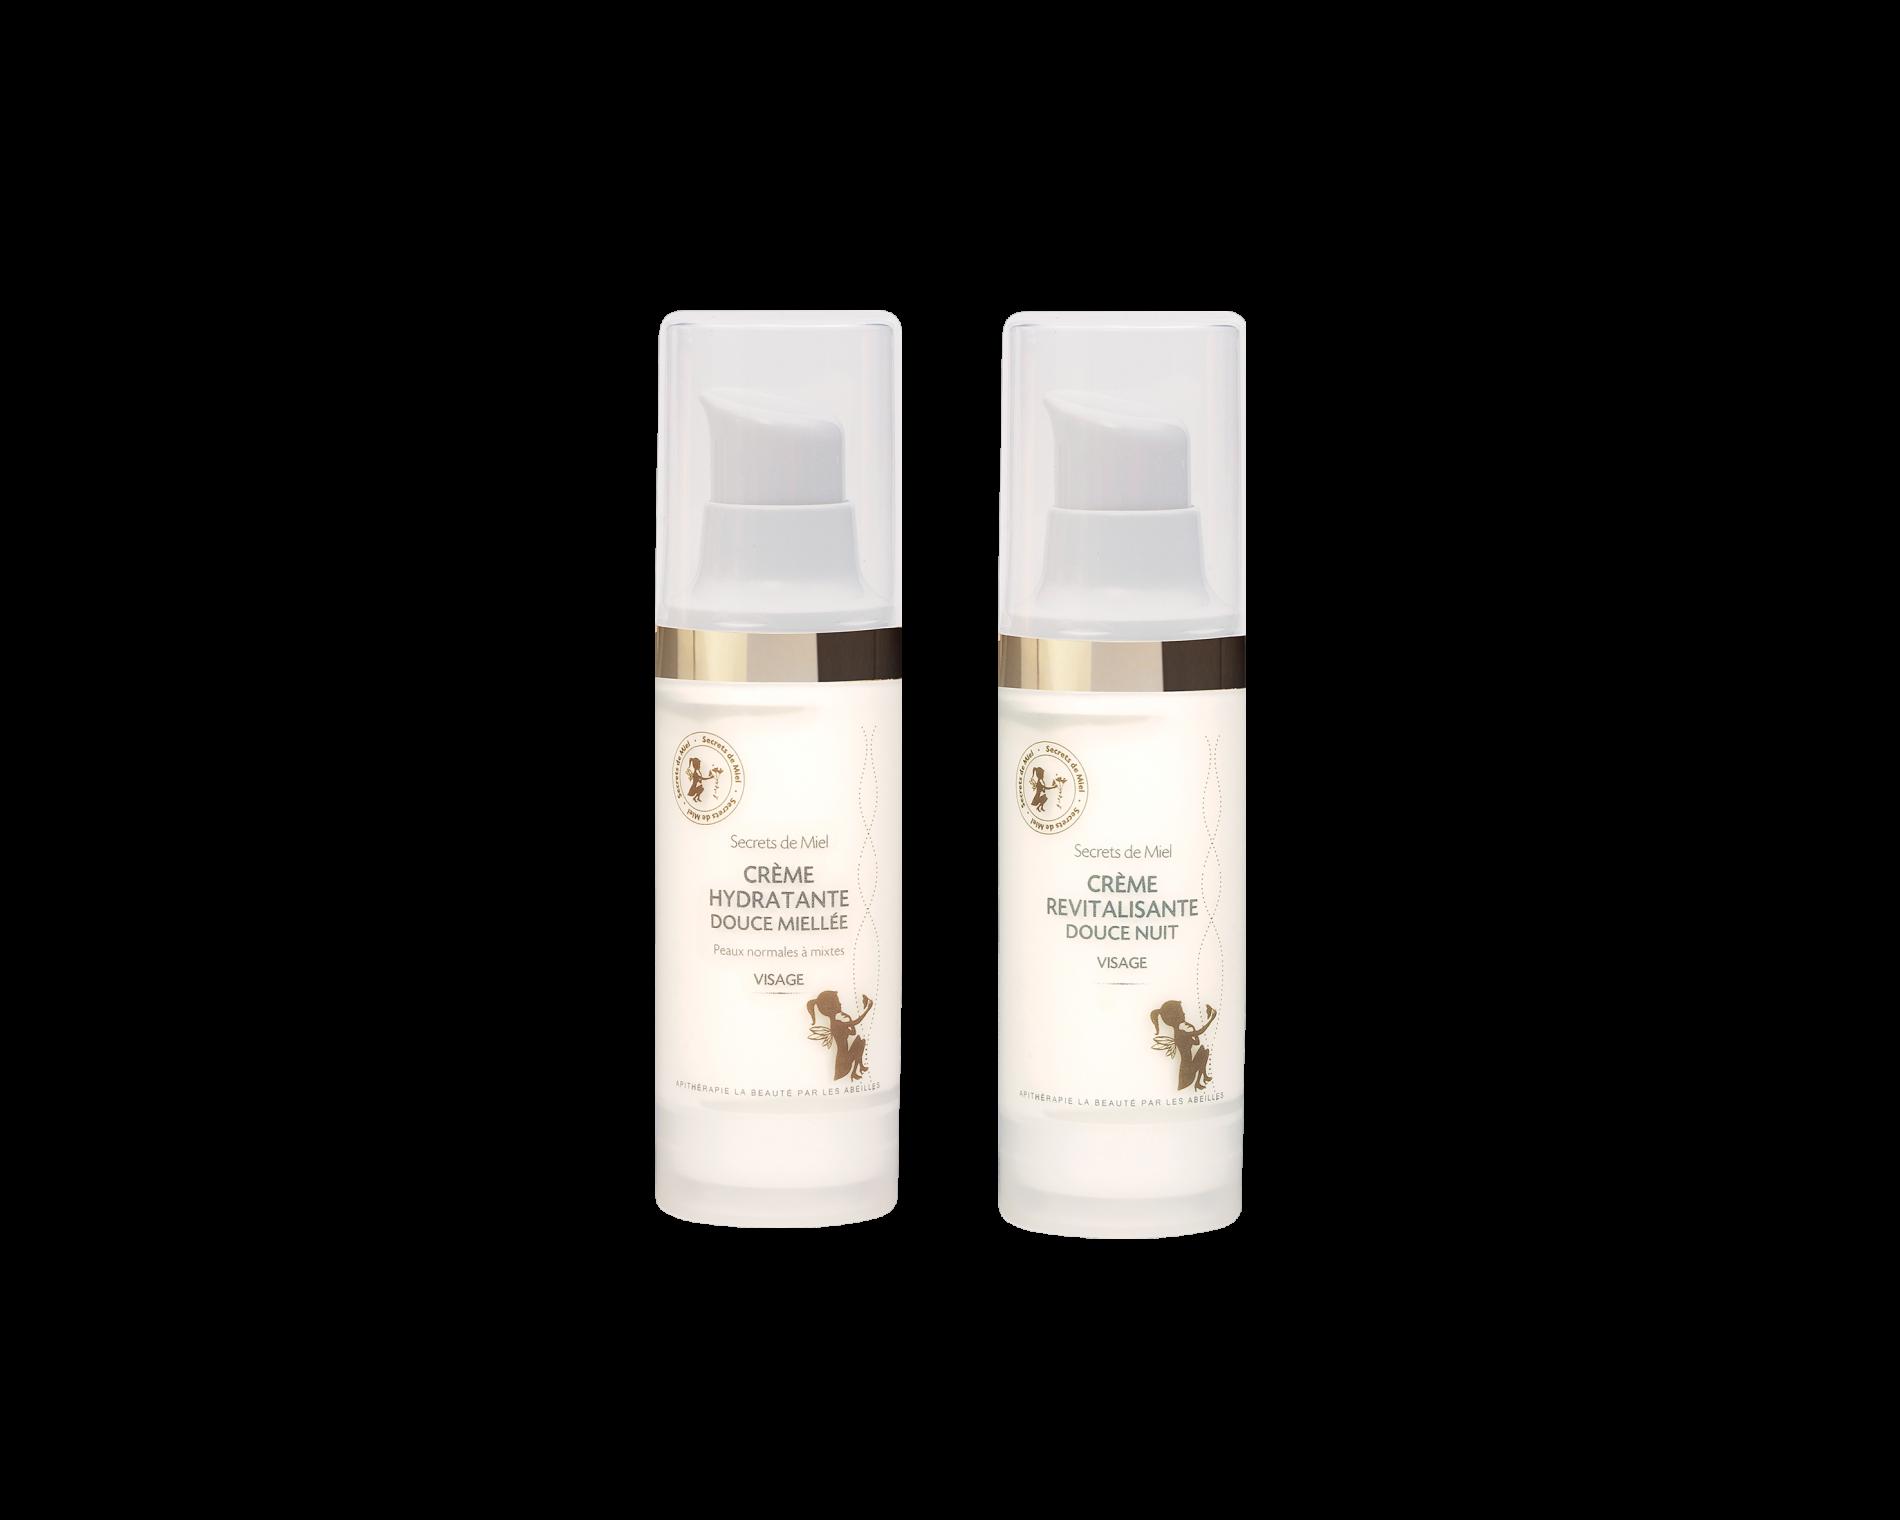 crème hydratante - crème jour - crème nuit - soins hydratants visage - peau - Secrets de Miel